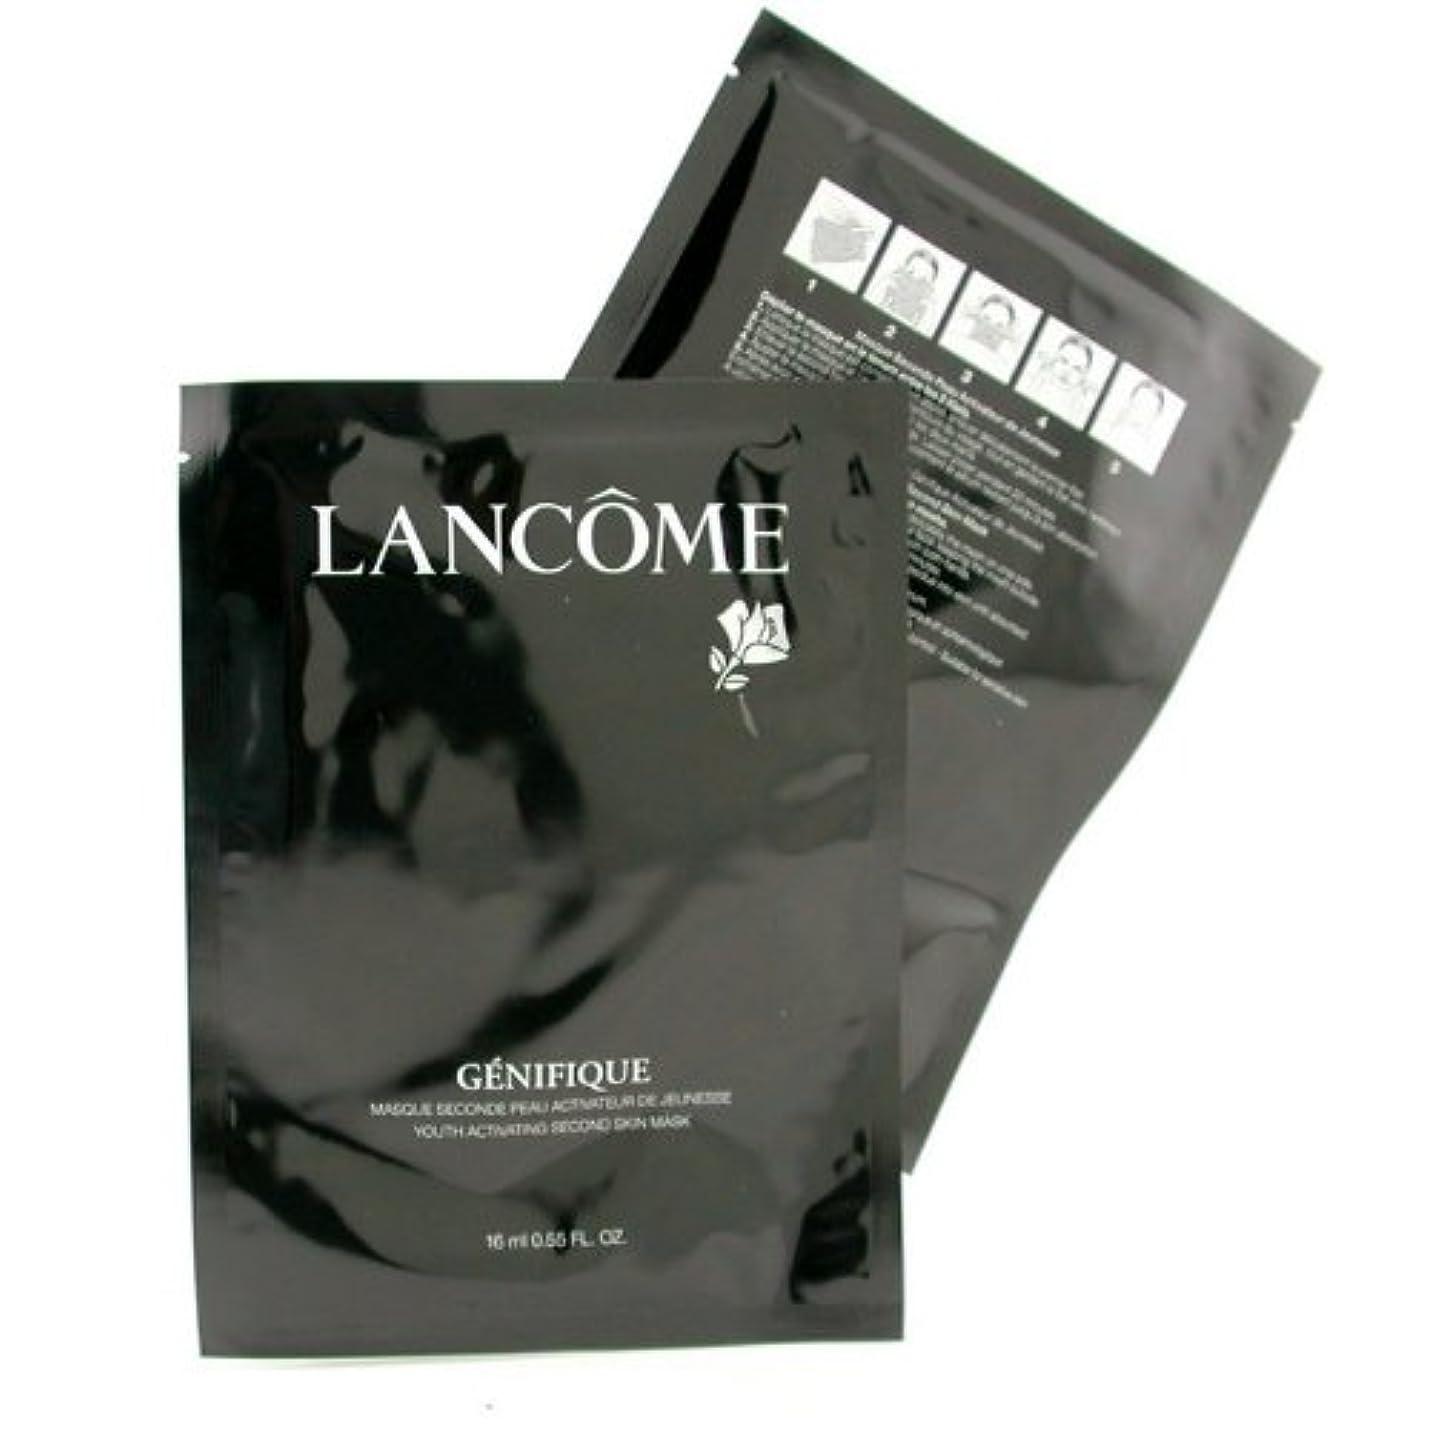 薬局そんなに愛情深いランコム LANCOME ジェニフィック マスク 16mL×6